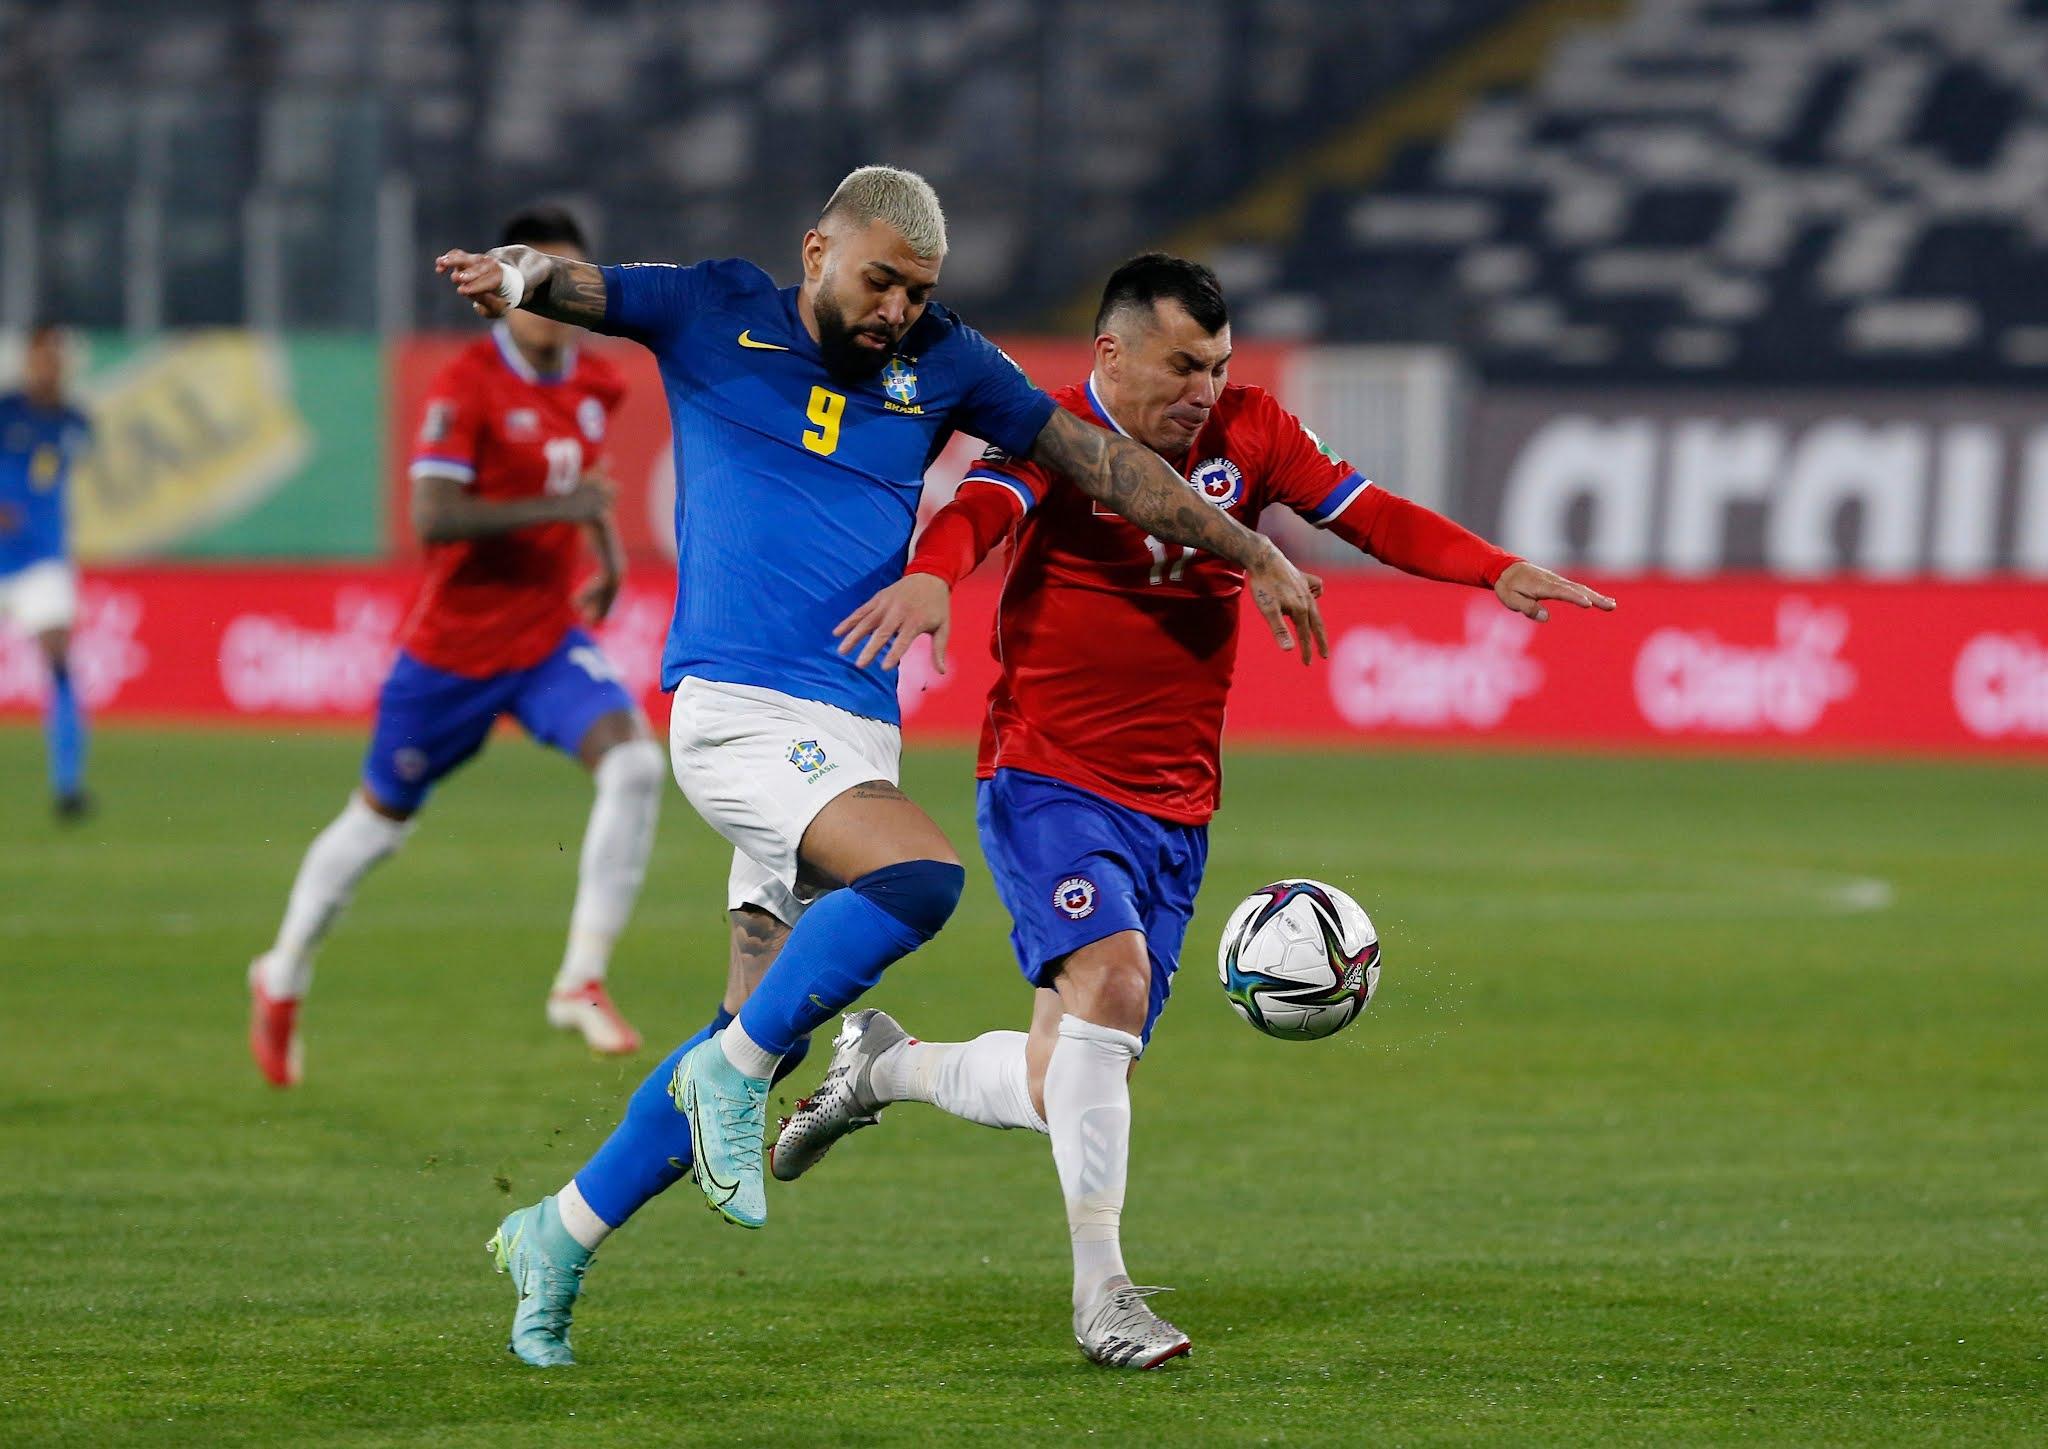 Chile y Brasil en Clasificatorias a Catar 2022, 2 de septiembre de 2021